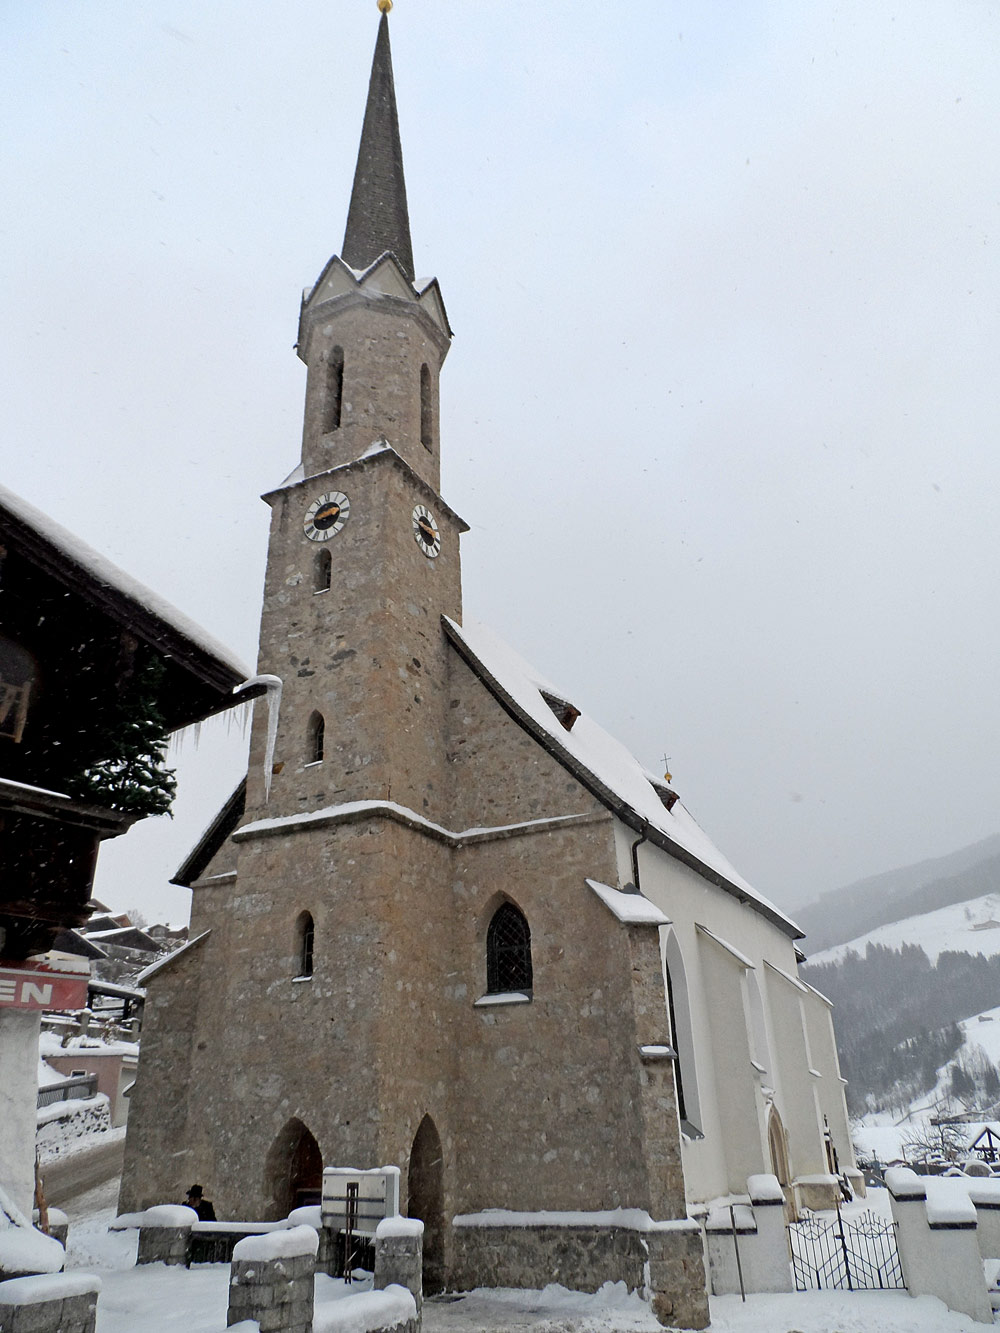 Außenansicht der Pfarrkirche St. Sebastian in Mühlbach am Hochkönig